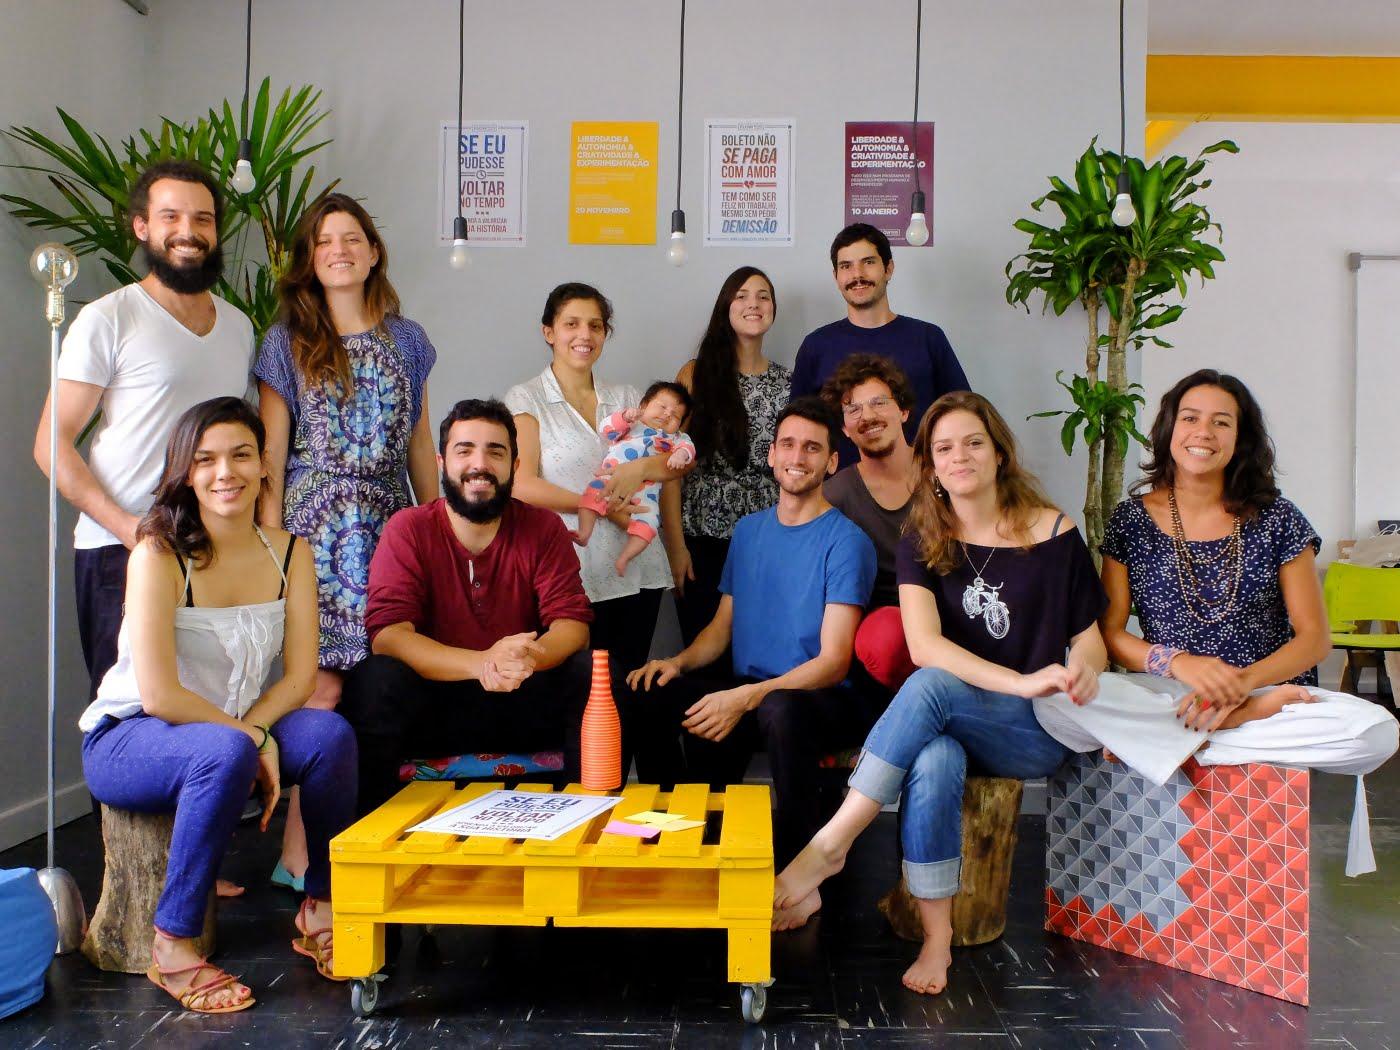 A equipe do Flowmakers em sua primeira casa em São Paulo. Rafael Ucha (o primeiro à esquerda) é um idealizadores dos ciclos de aprendizado